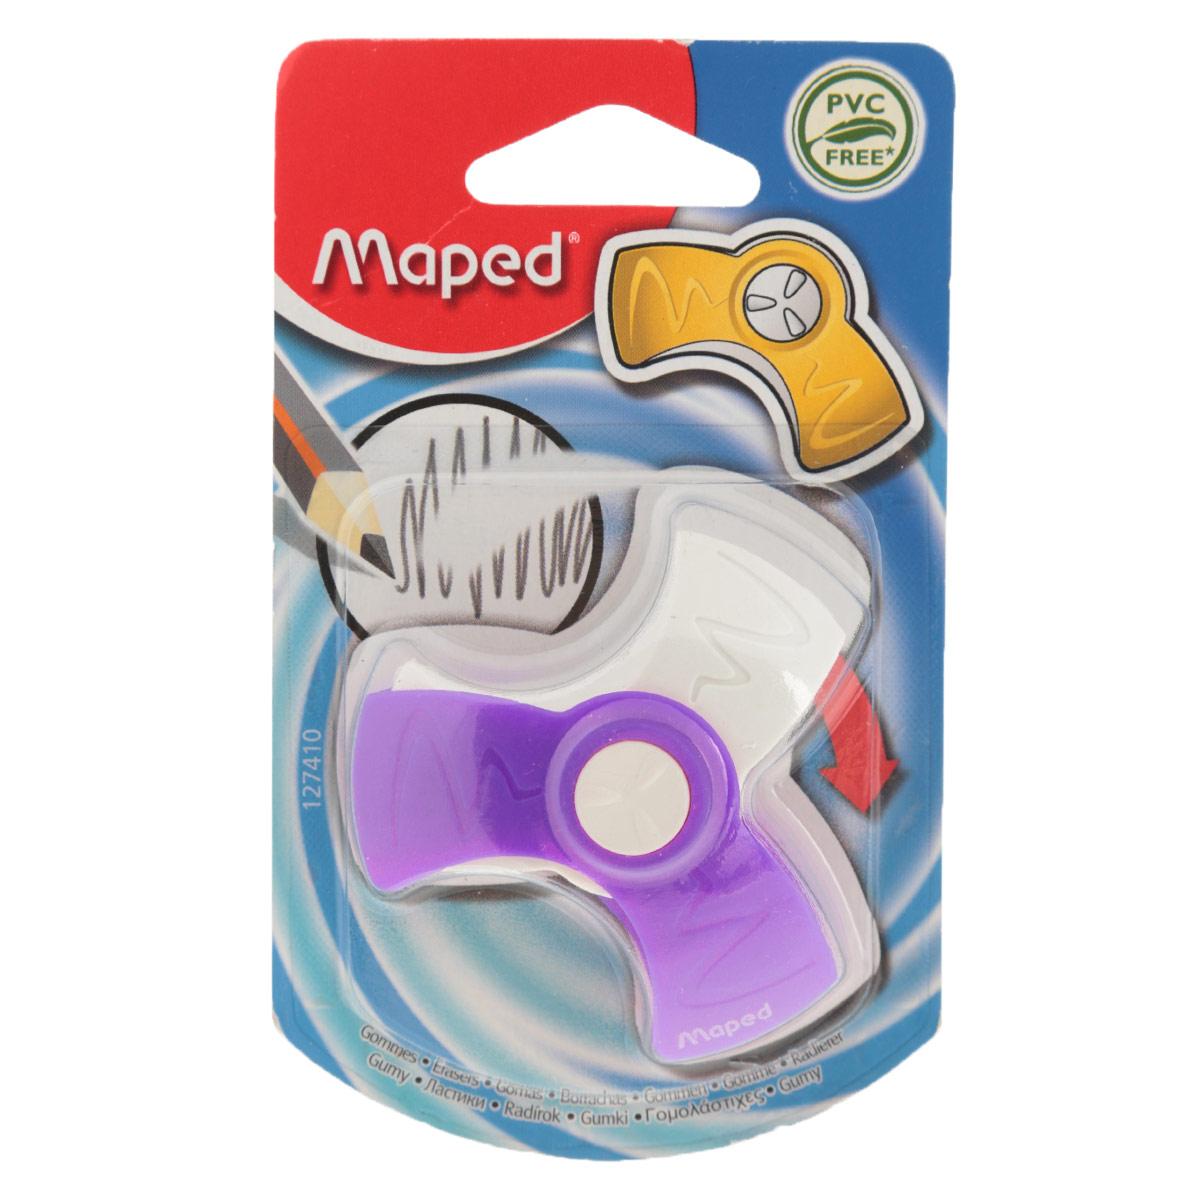 Ластик Maped Spin, цвет: сиреневый, белый127410_сиреневыйОригинальный ластик Spin в поворотном защитном футляре из пластика. Легко удаляет следы чернографитных карандашей, а футляр защищает ластик от загрязнений и увеличивает его срок службы. Обеспечивает высокое качество коррекции, не повреждая поверхность бумаги, не оставляя следов. Не содержит ПВХ.